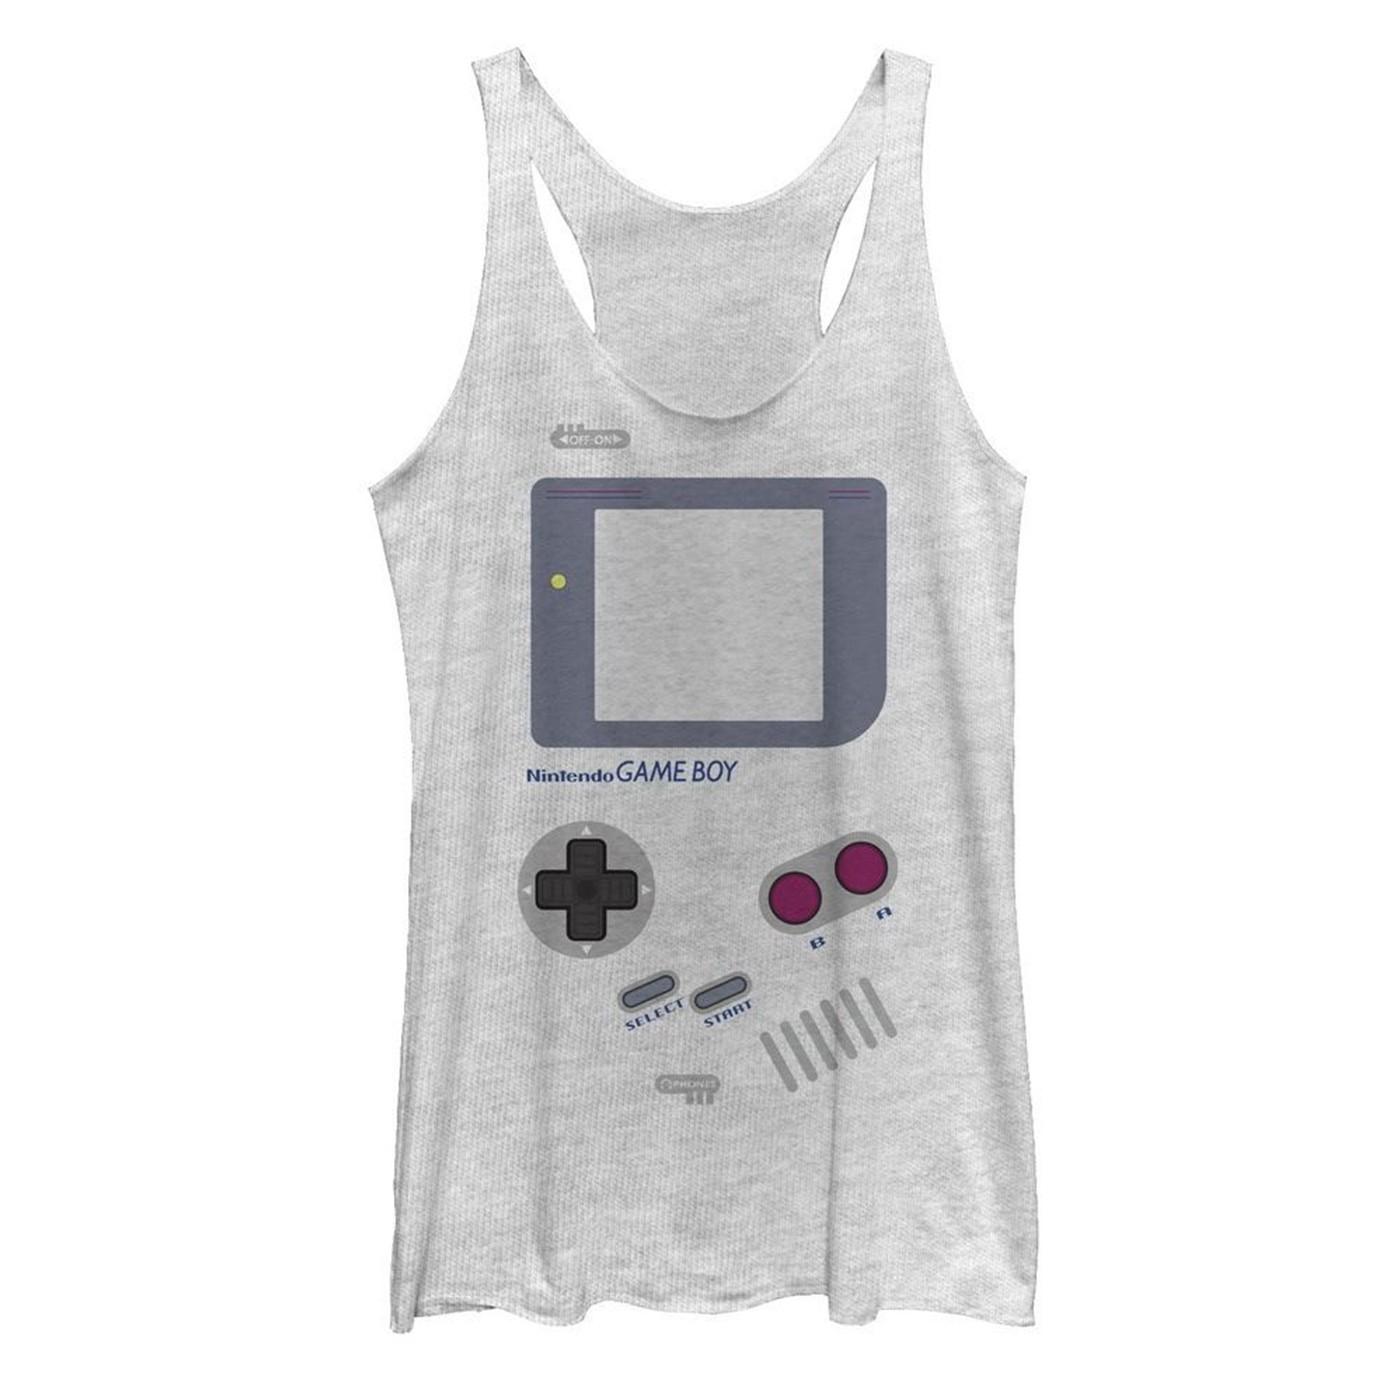 Nintendo Gameboy Women's Tank Top